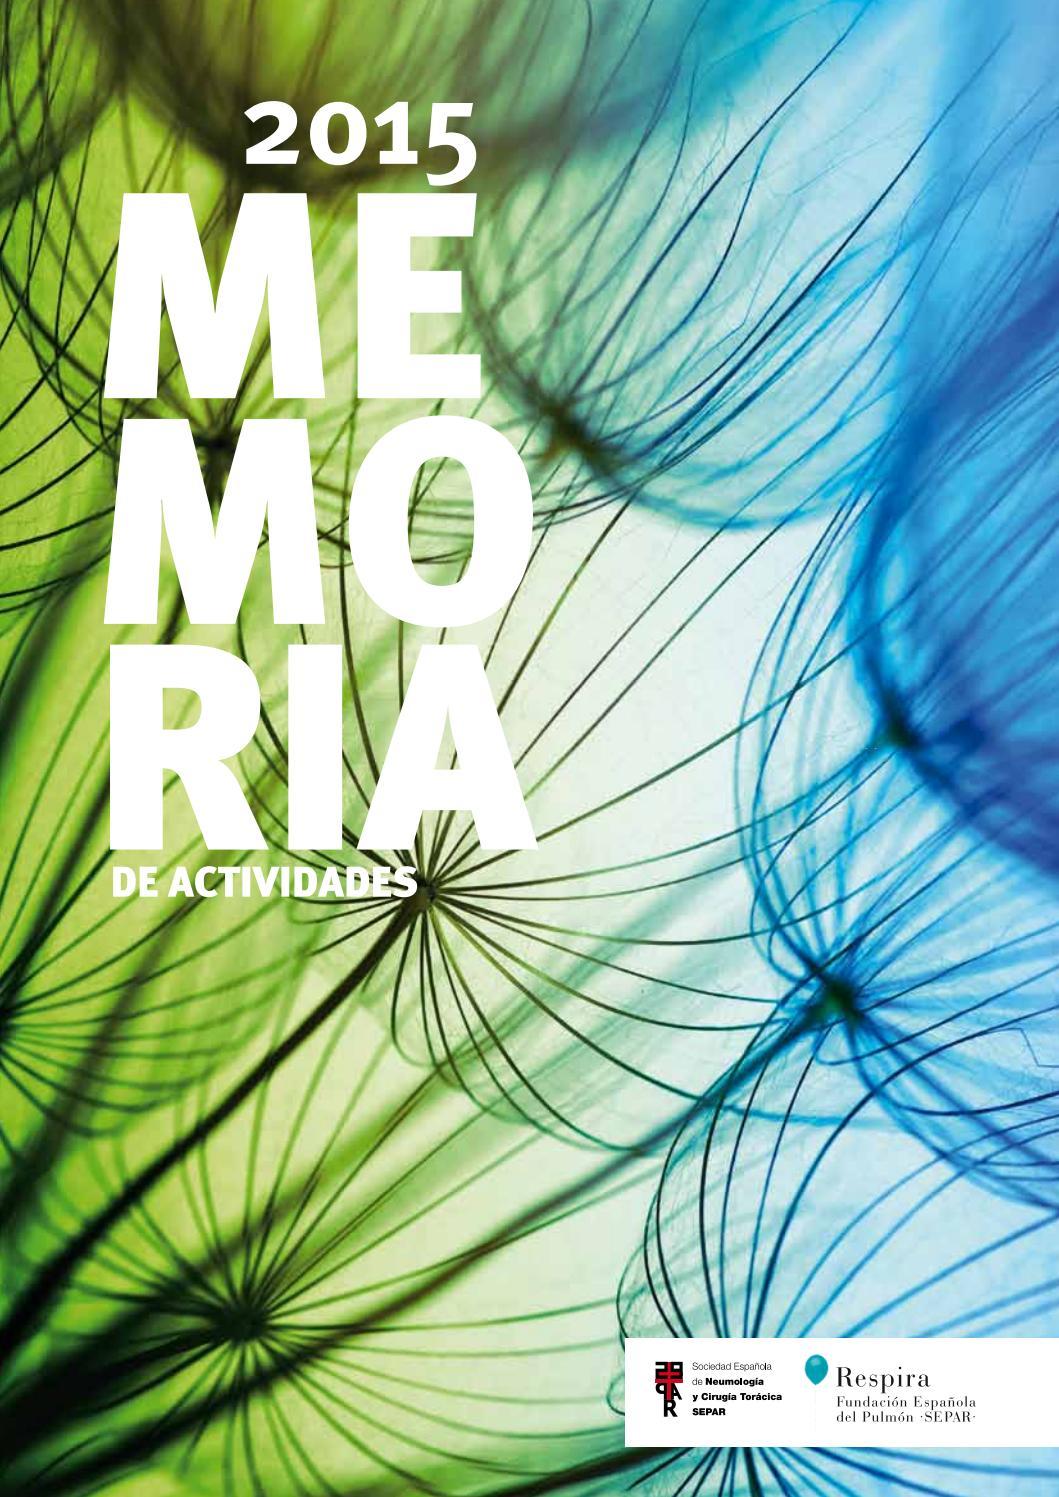 Memoria de actividades SEPAR 2015 by SEPAR - issuu